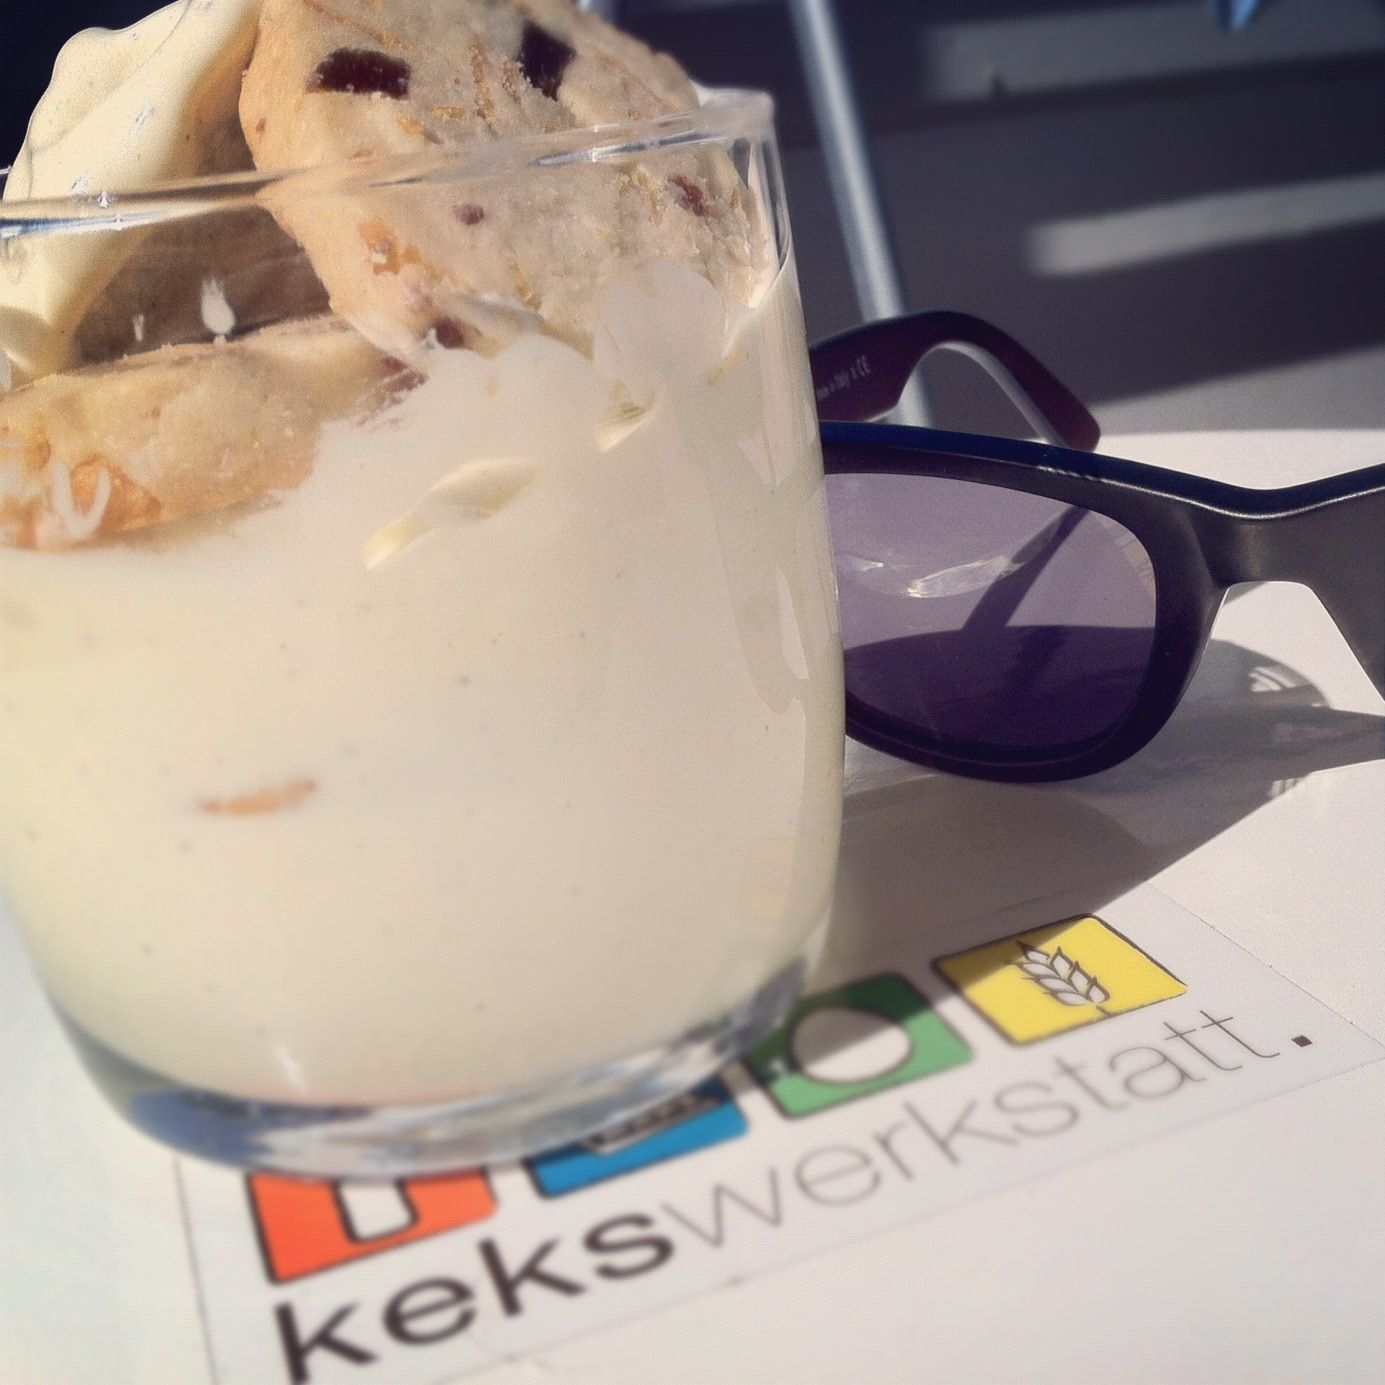 wenn die #sonne dann doch mal rauskommt, sind wir vorbereitet! mit #vanilleeis und leckeren #keksen als topping! ach und #sonnenbrille natürlich :)